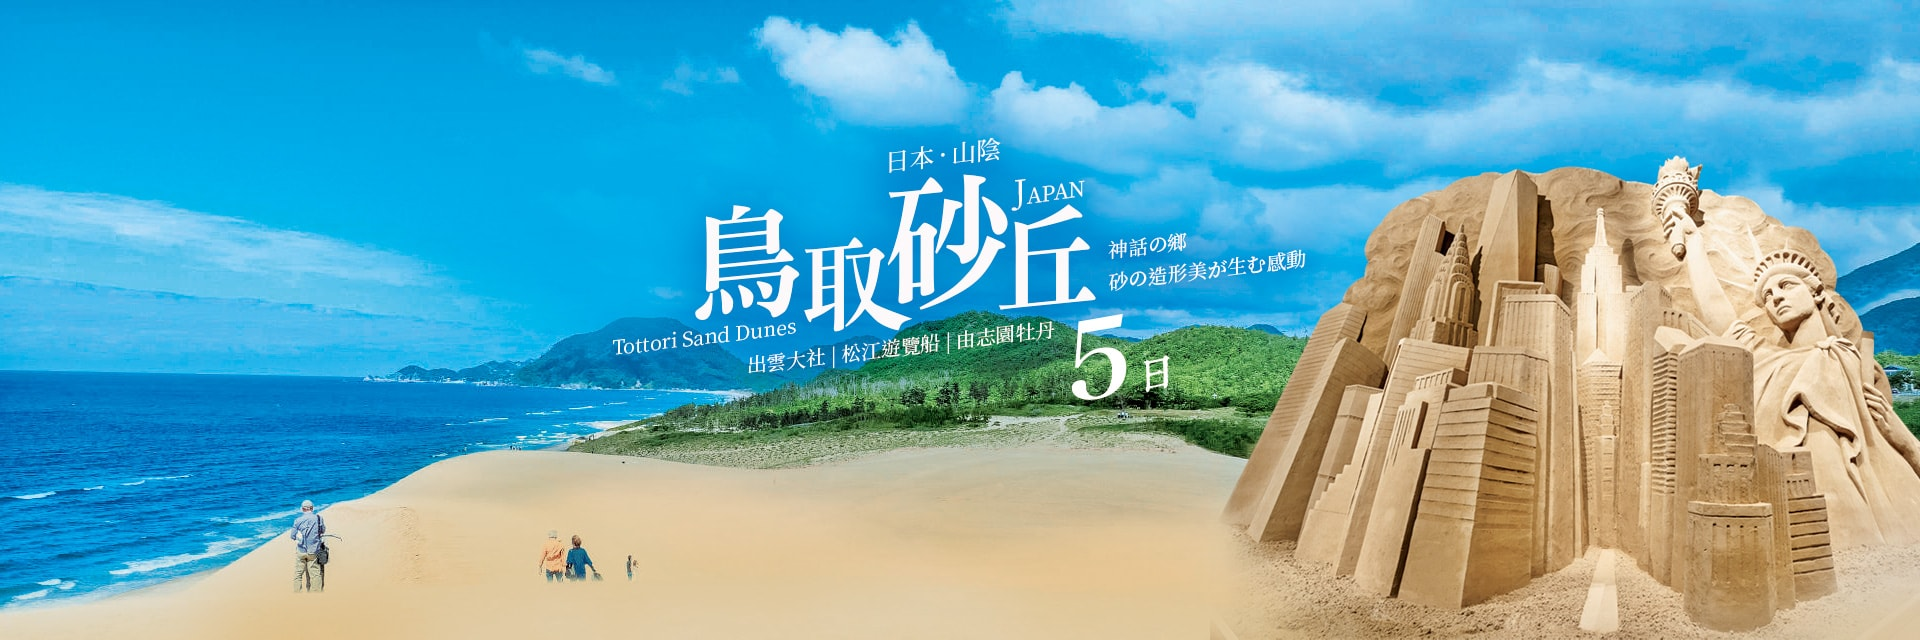 上順旅遊、日本旅遊、山陰山陽、鳥取砂丘